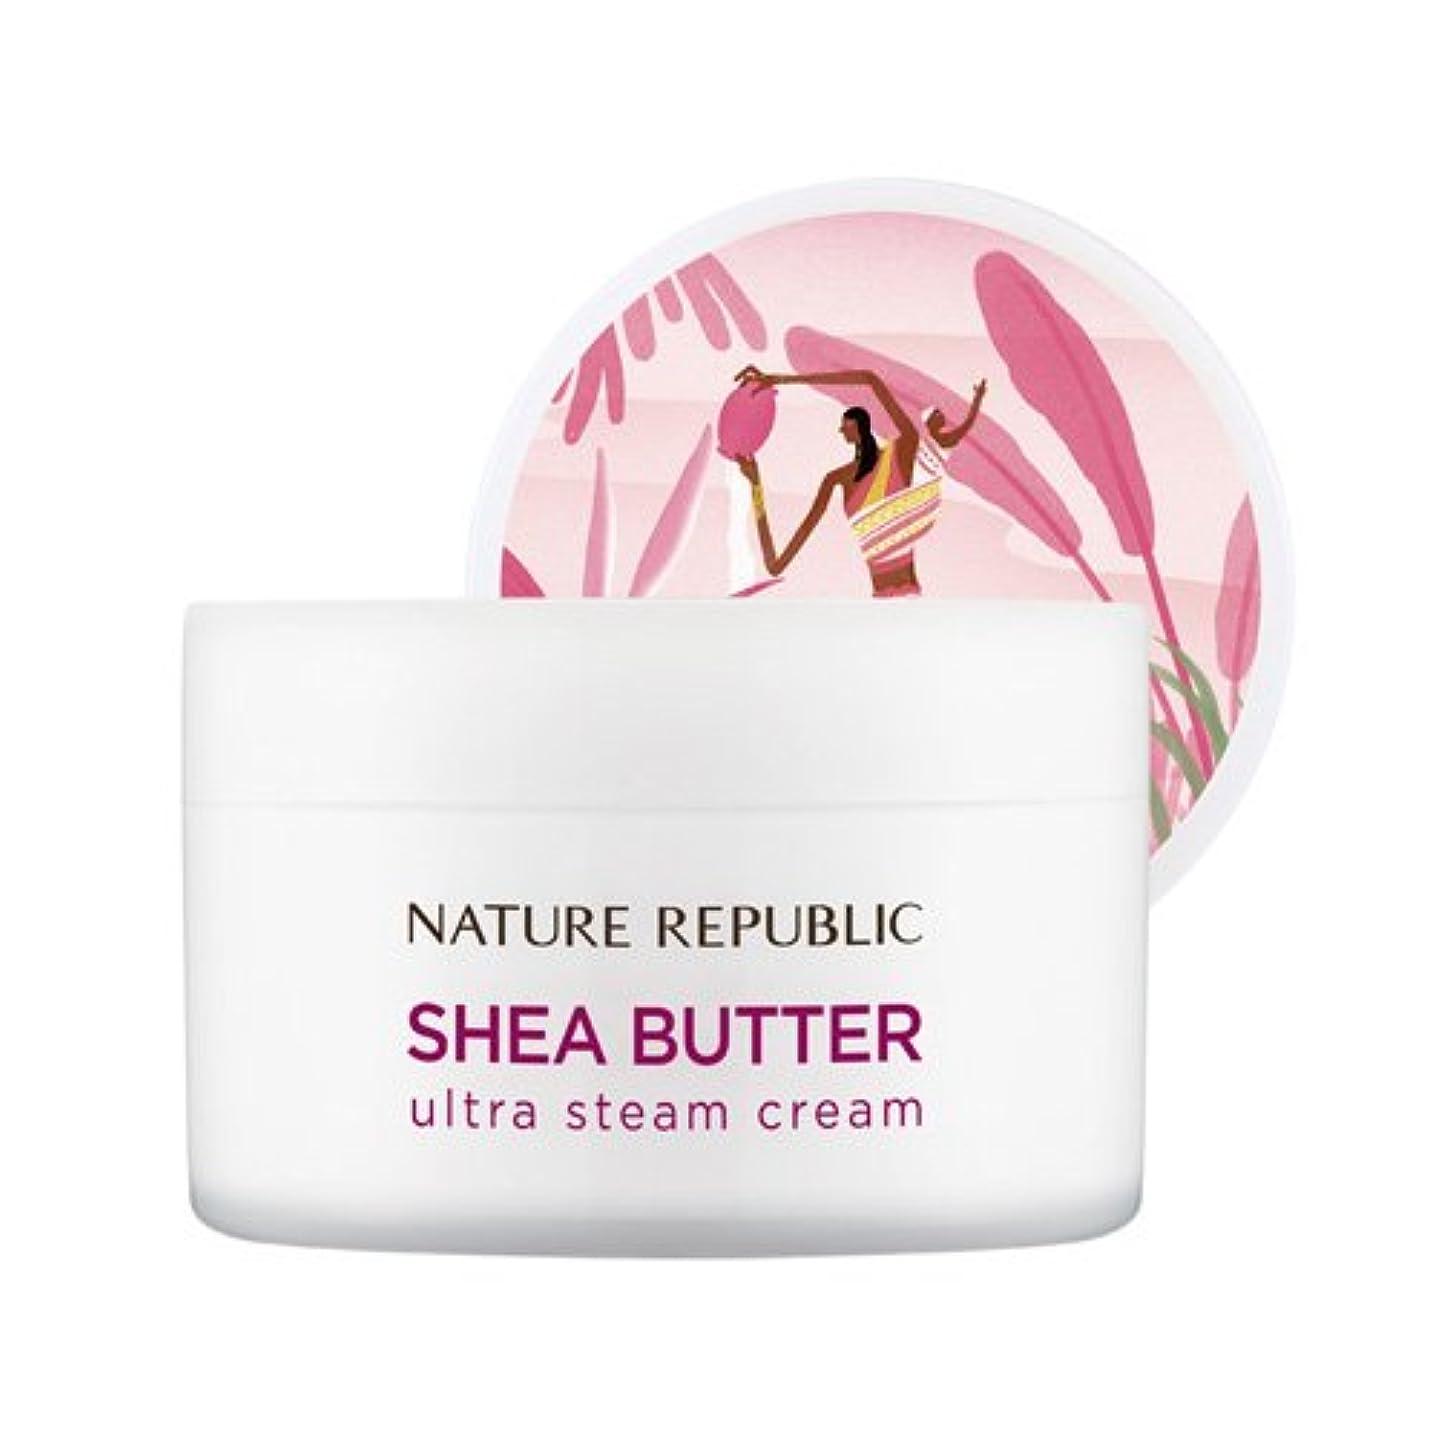 マネージャーサンドイッチ軸[ネイチャーリパブリック] NATURE REPUBLIC [スチームクリーム 100ml] (Shea Butter Steam Cream 100ml) (01 Ultra Steam Cream) [並行輸入品]